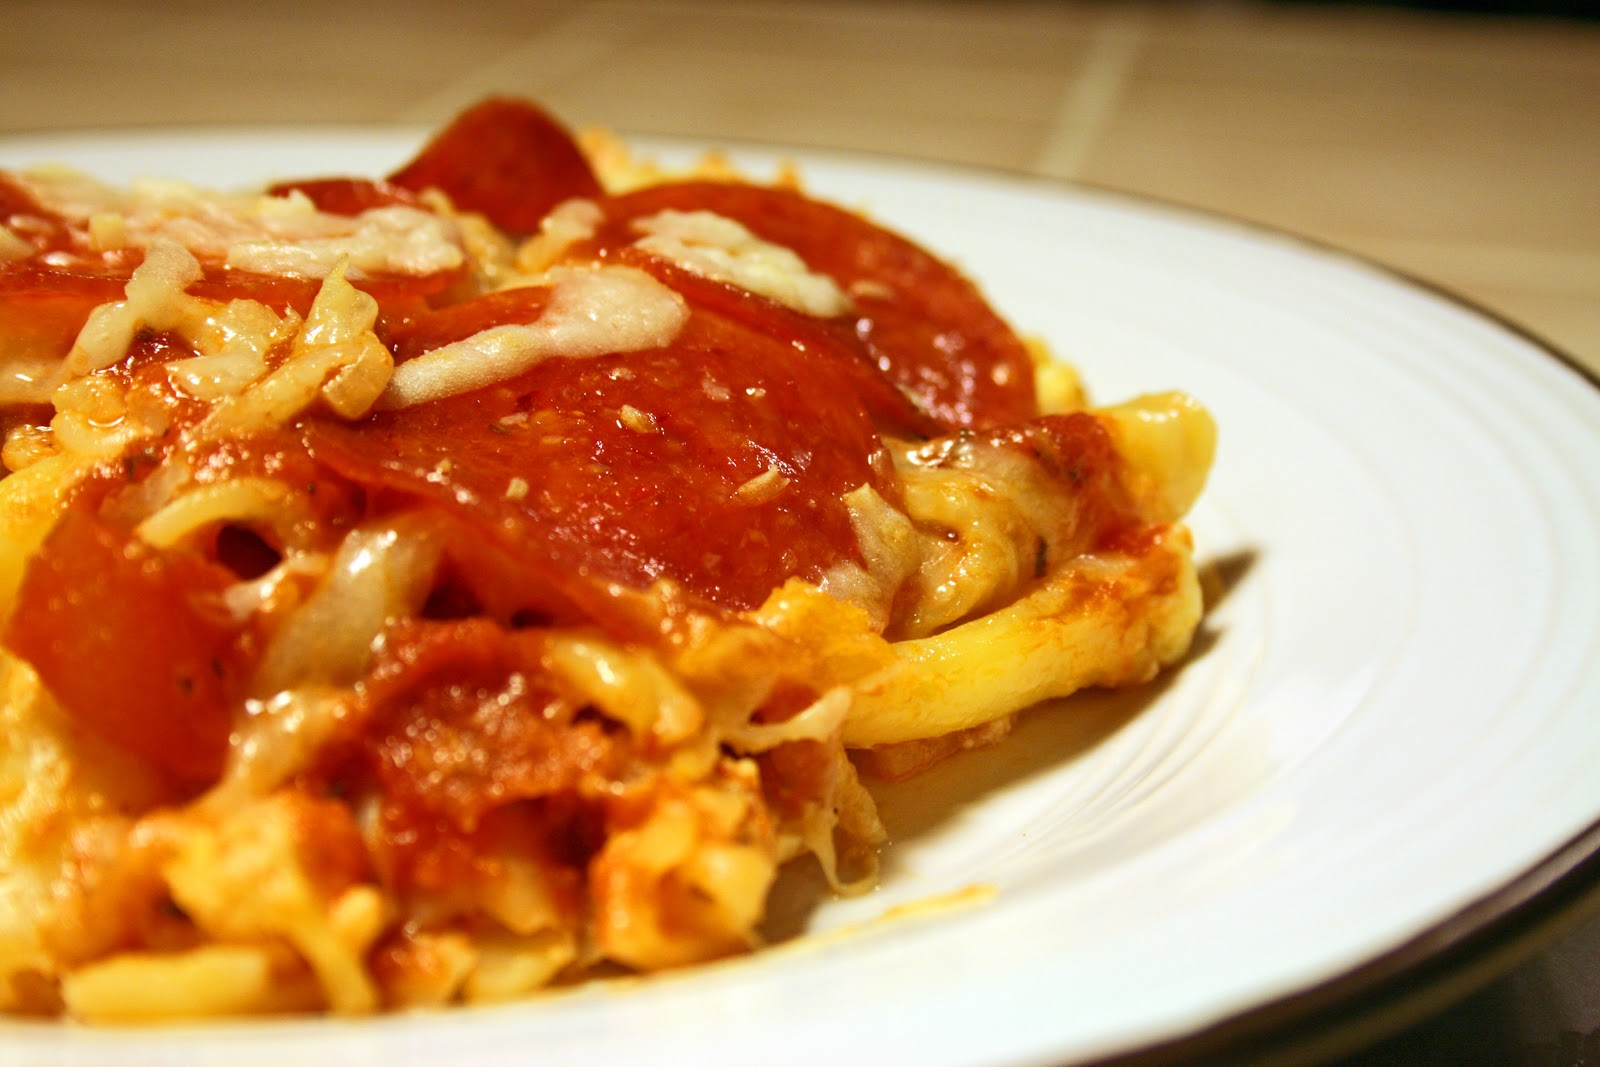 Lazy Gluten Free: Cheesy Pepperoni Casserole